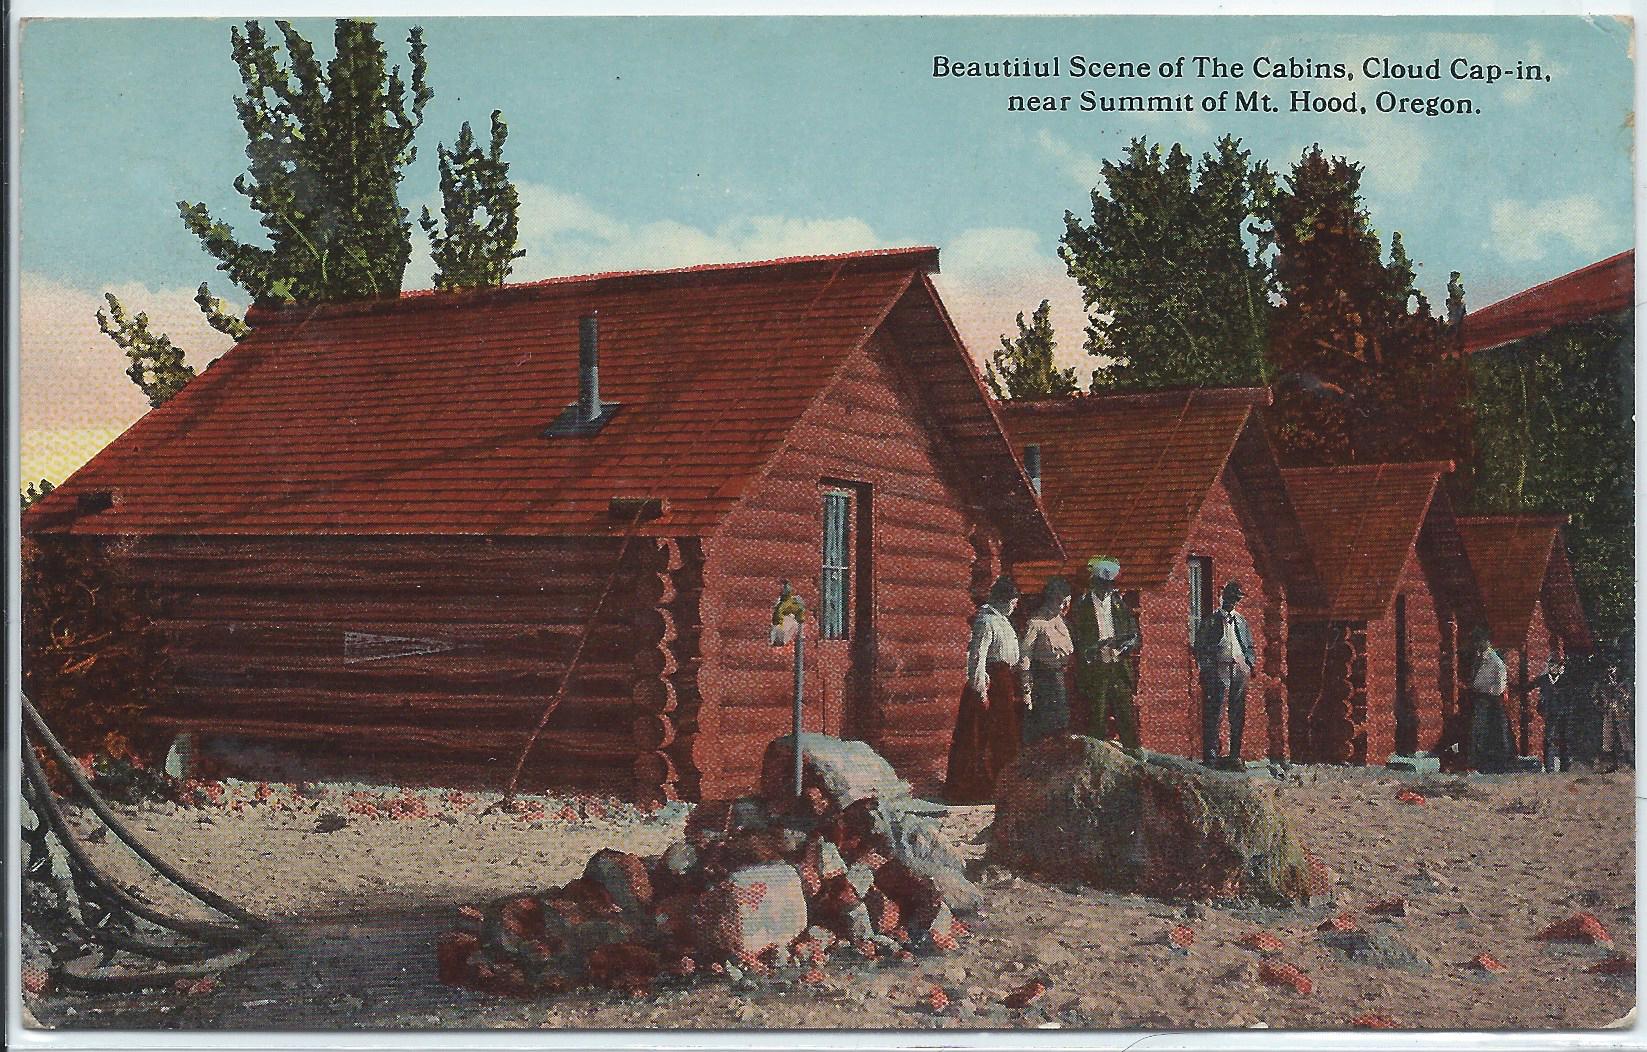 Cloud Cap Inn Cabins